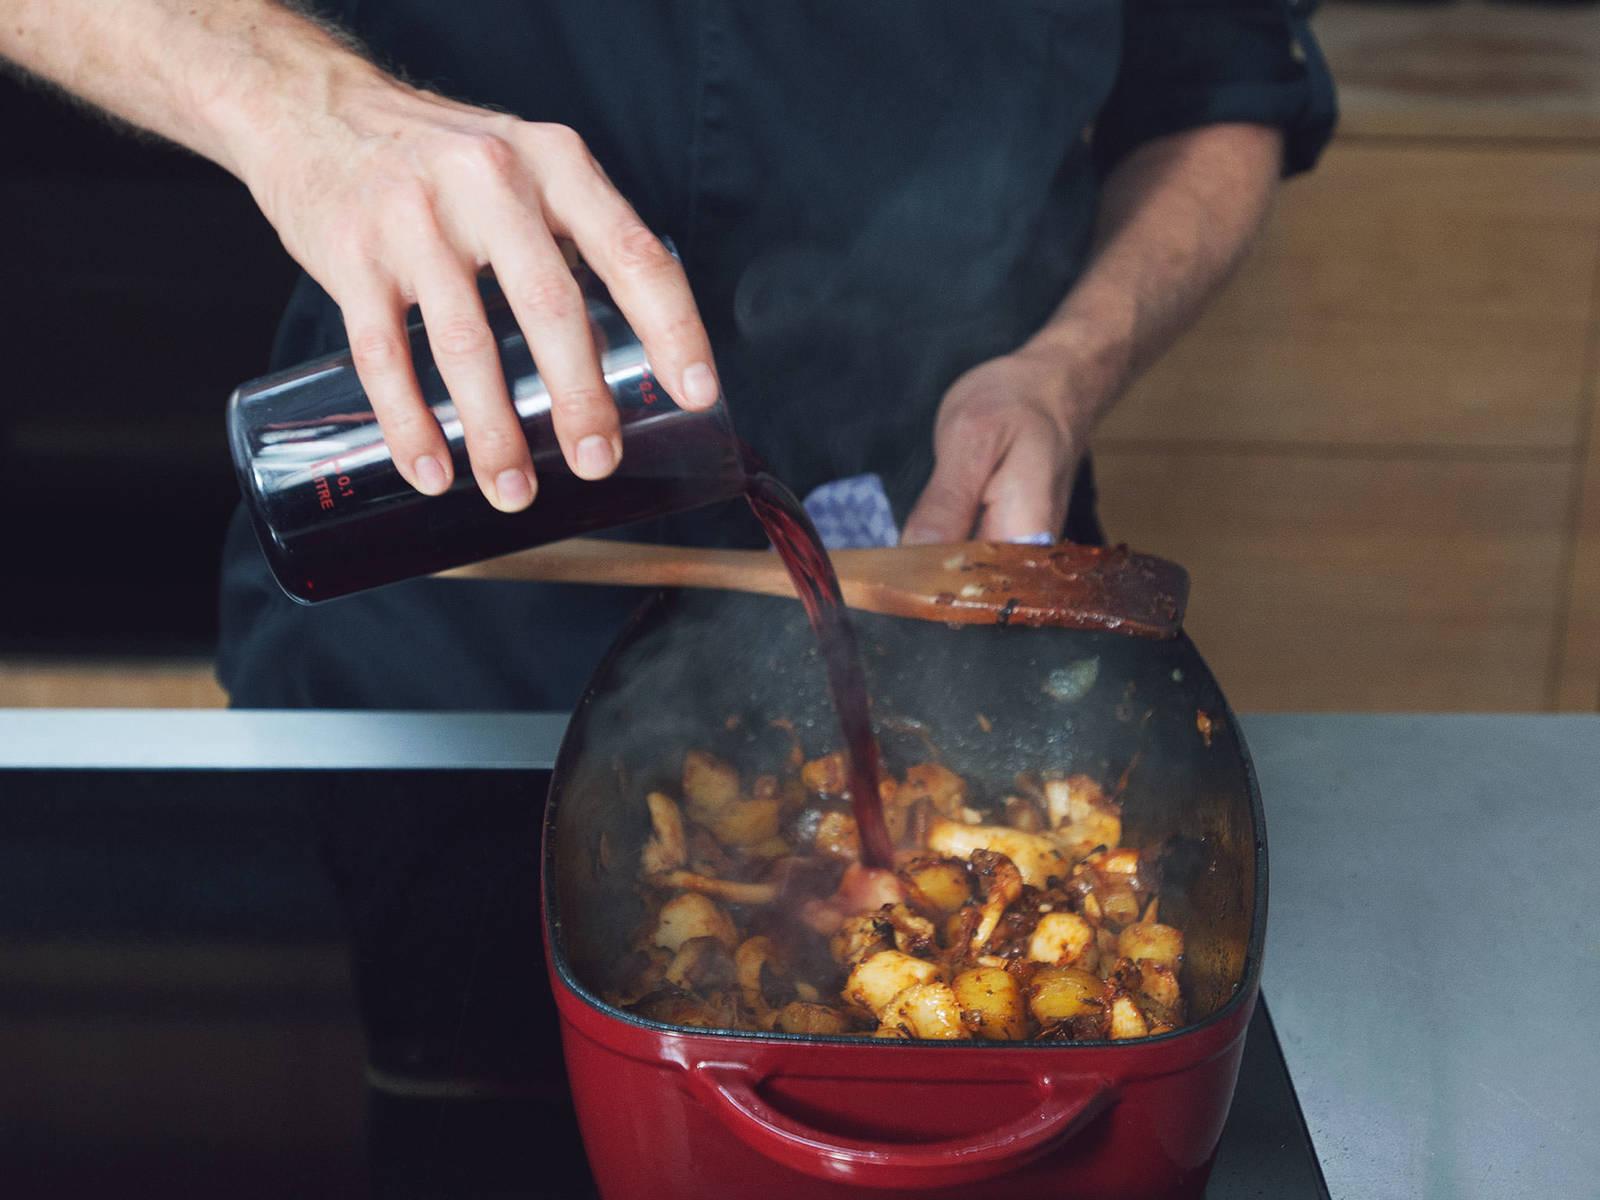 Mit Rotwein ablöschen und ca. 5 Min. einkochen lassen. Knoblauch und Steinpilze dazugeben. Mit Majoran, Kümmel, Thymian, Paprikapulver und Chilipulver, Rohrohrzucker, Salz und Zitronenabrieb würzen und alles zusammen kurz anrösten. Danach mit Gemüsebrühe aufgießen. Den Schmortopf in den vorgeheizten Backofen schieben und das Gulasch ca. 90 Min. mit geschlossenem Deckel schmoren. Alle 30 Min. umrühren und zum Schluss mit Salz und Pfeffer abschmecken.